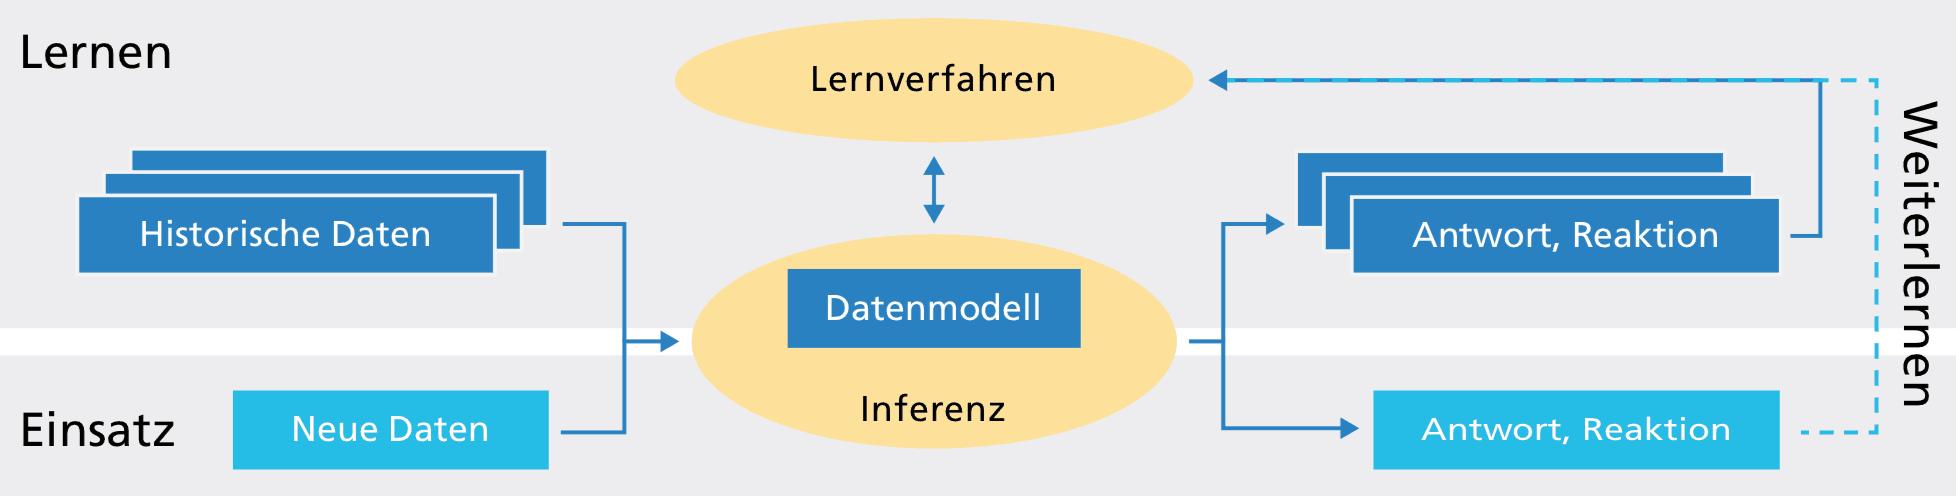 Lernprozess einer Künstlichen Intelligenz / KI